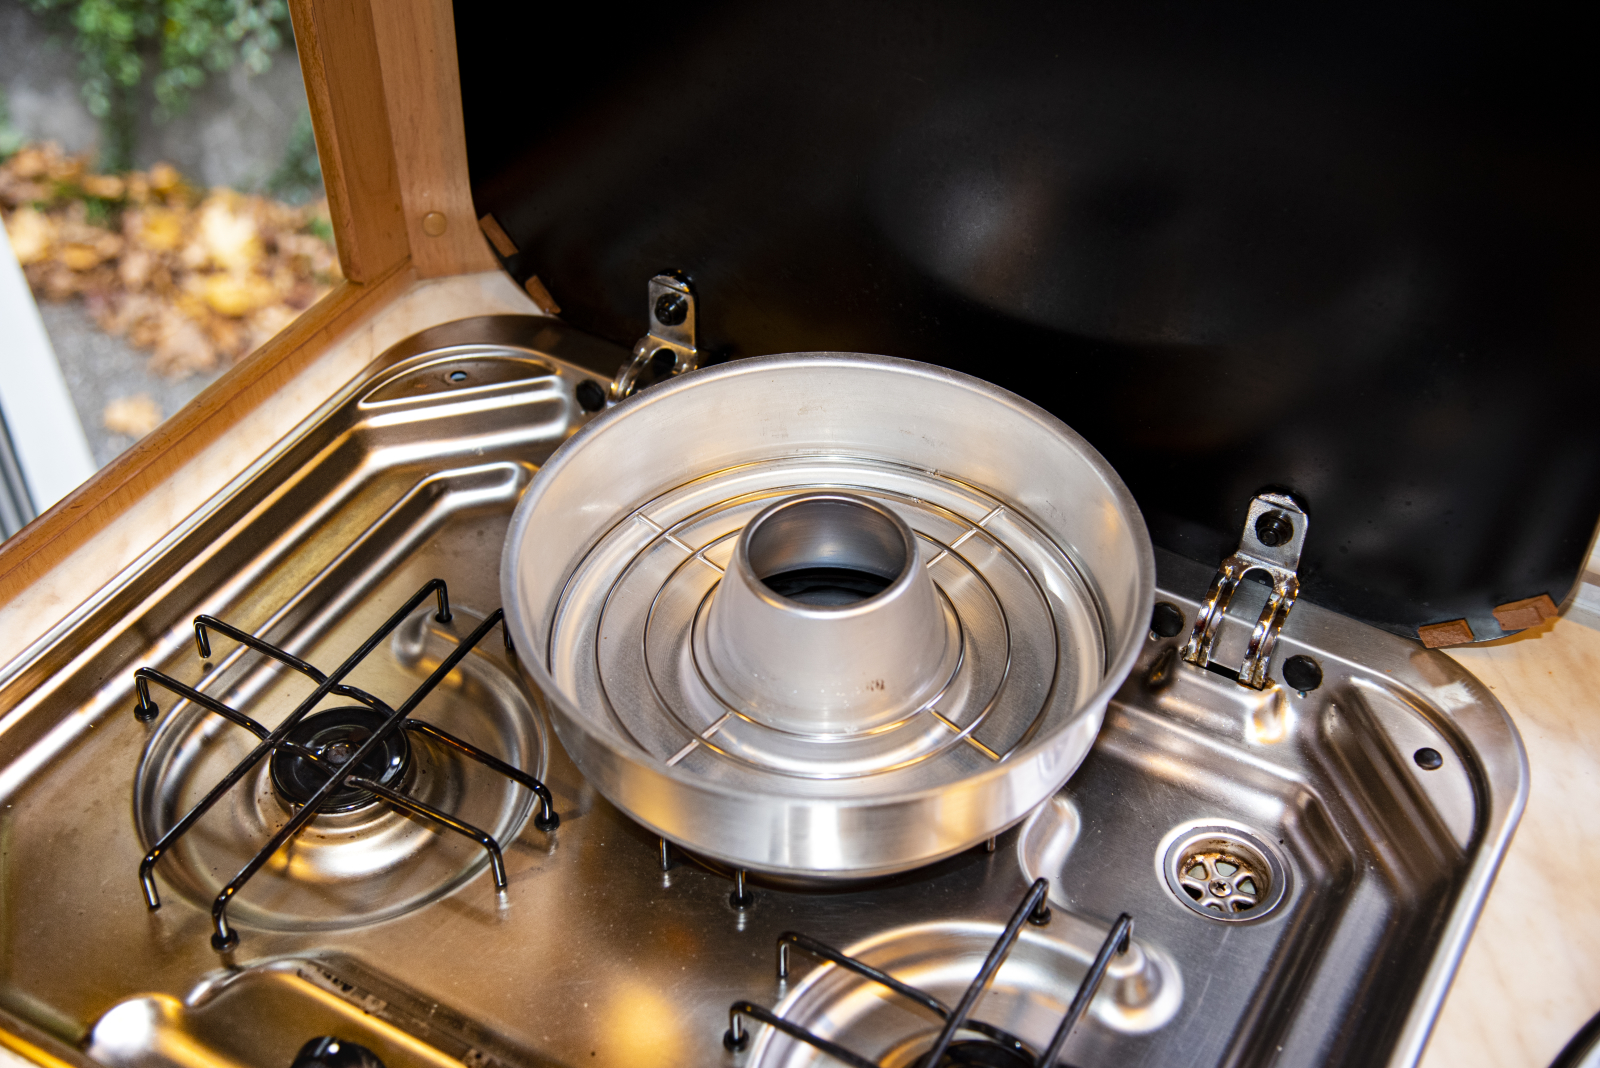 Als Zubehör ist ein Gitterrost zum Aufbacken von Brötchen erhältlich. Außerdem gibt es eine Silkonform, die den Kontakt zwischen Aluminium und Speisen vermeidet.